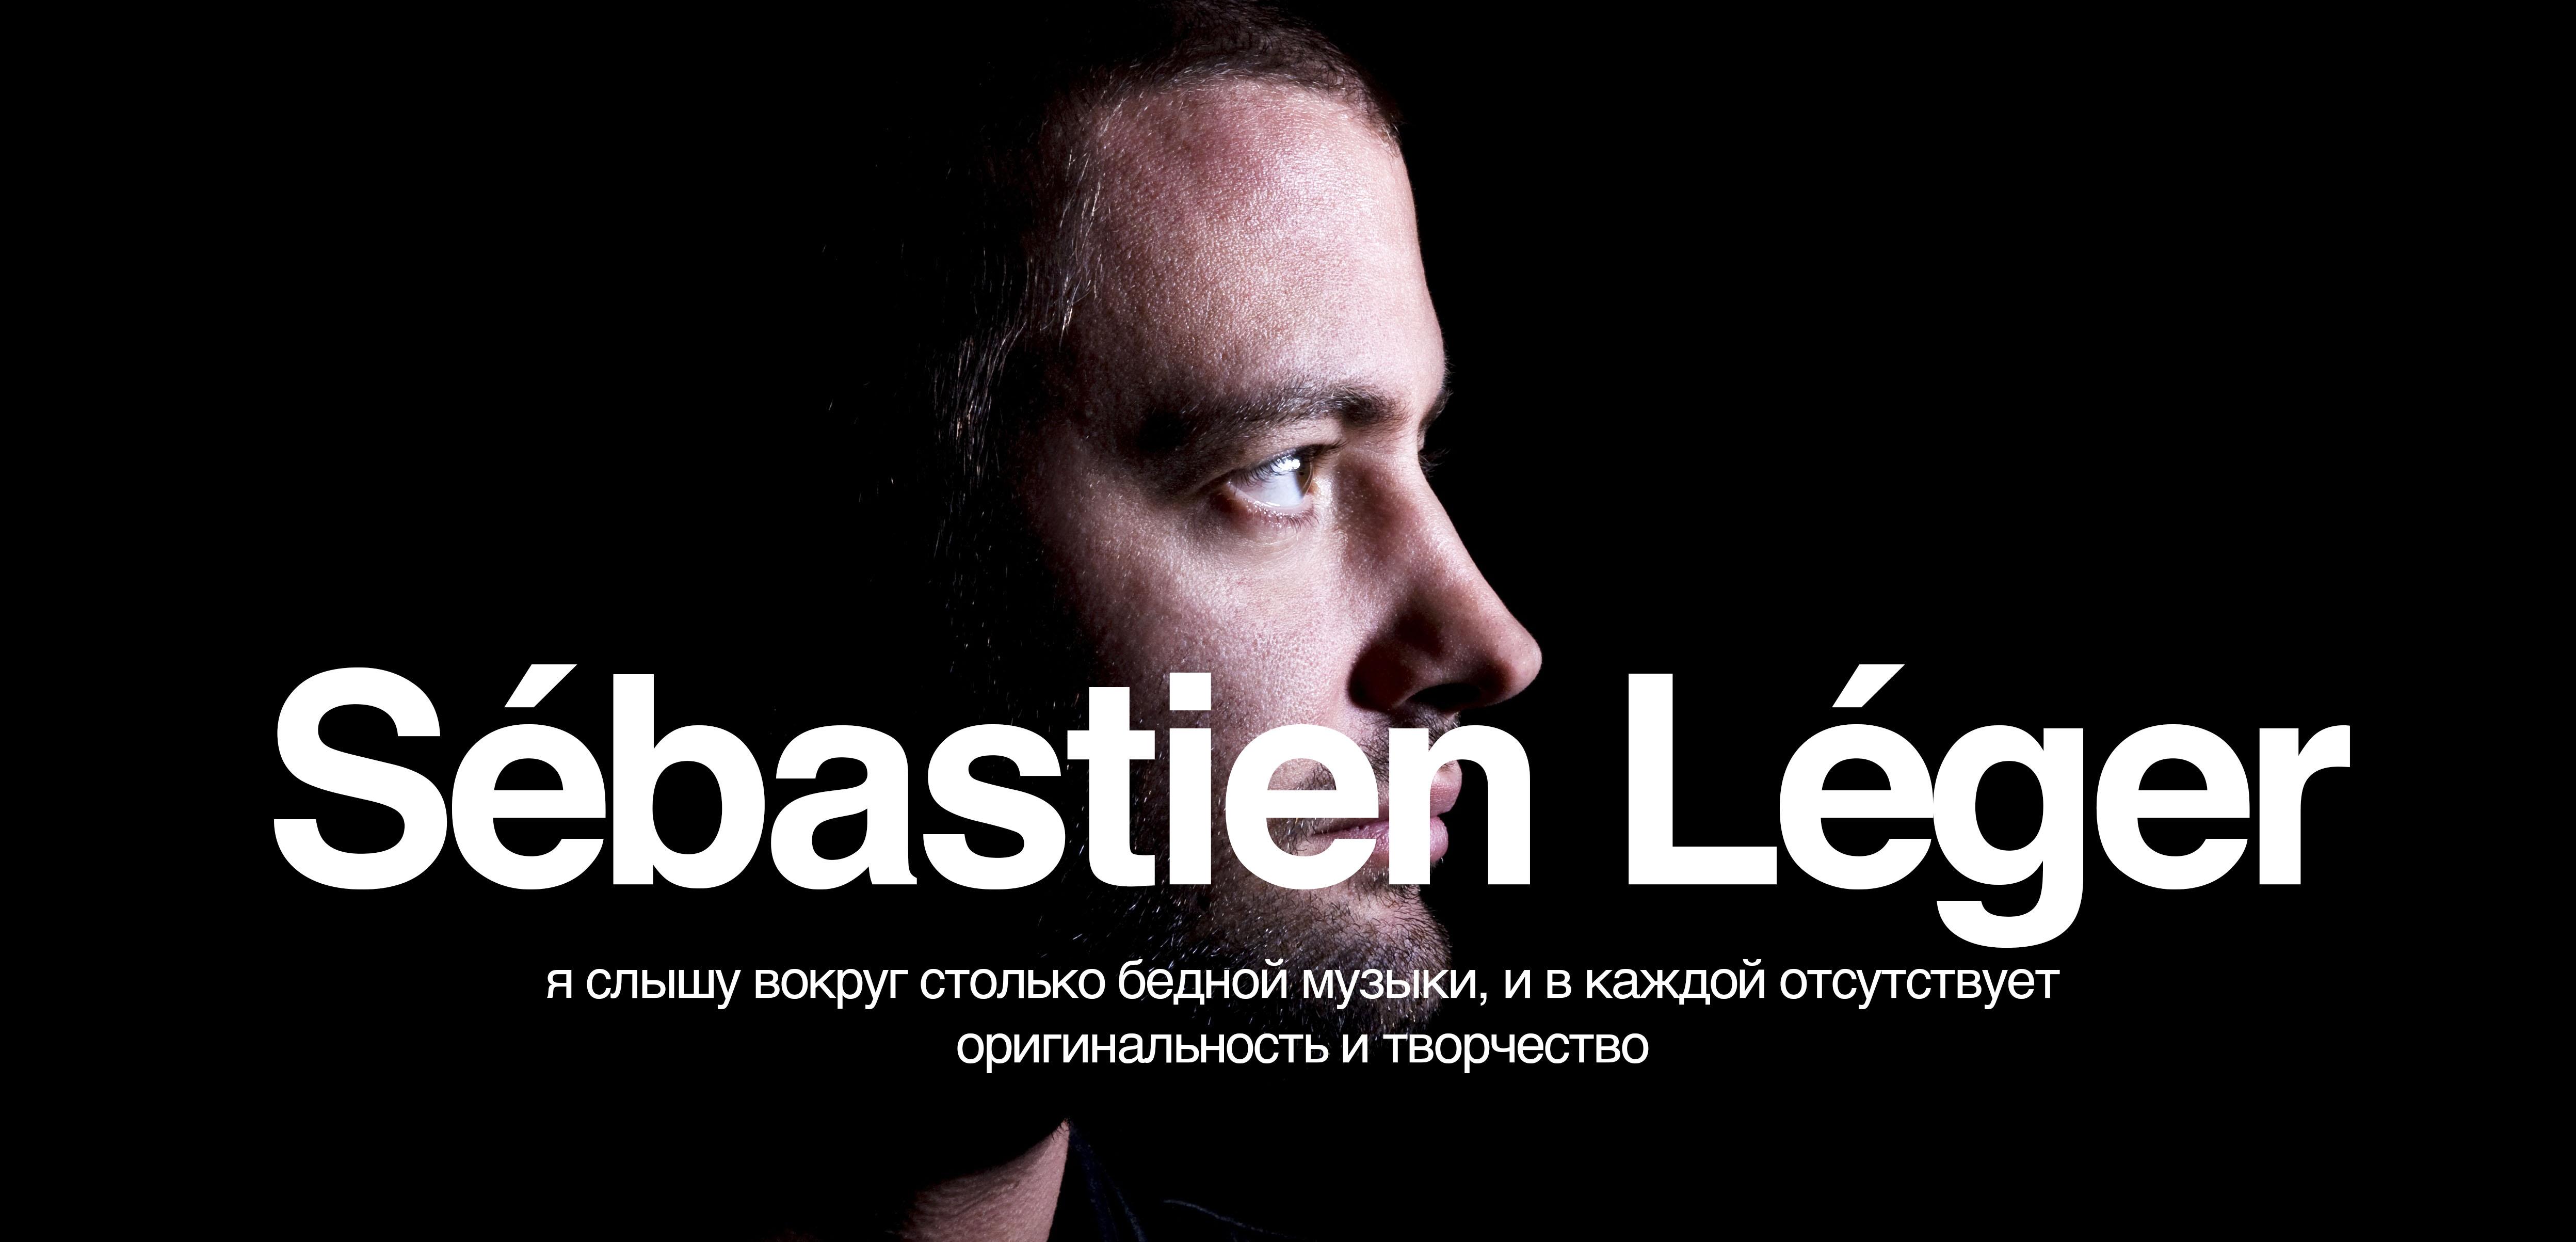 Sebastien Leger